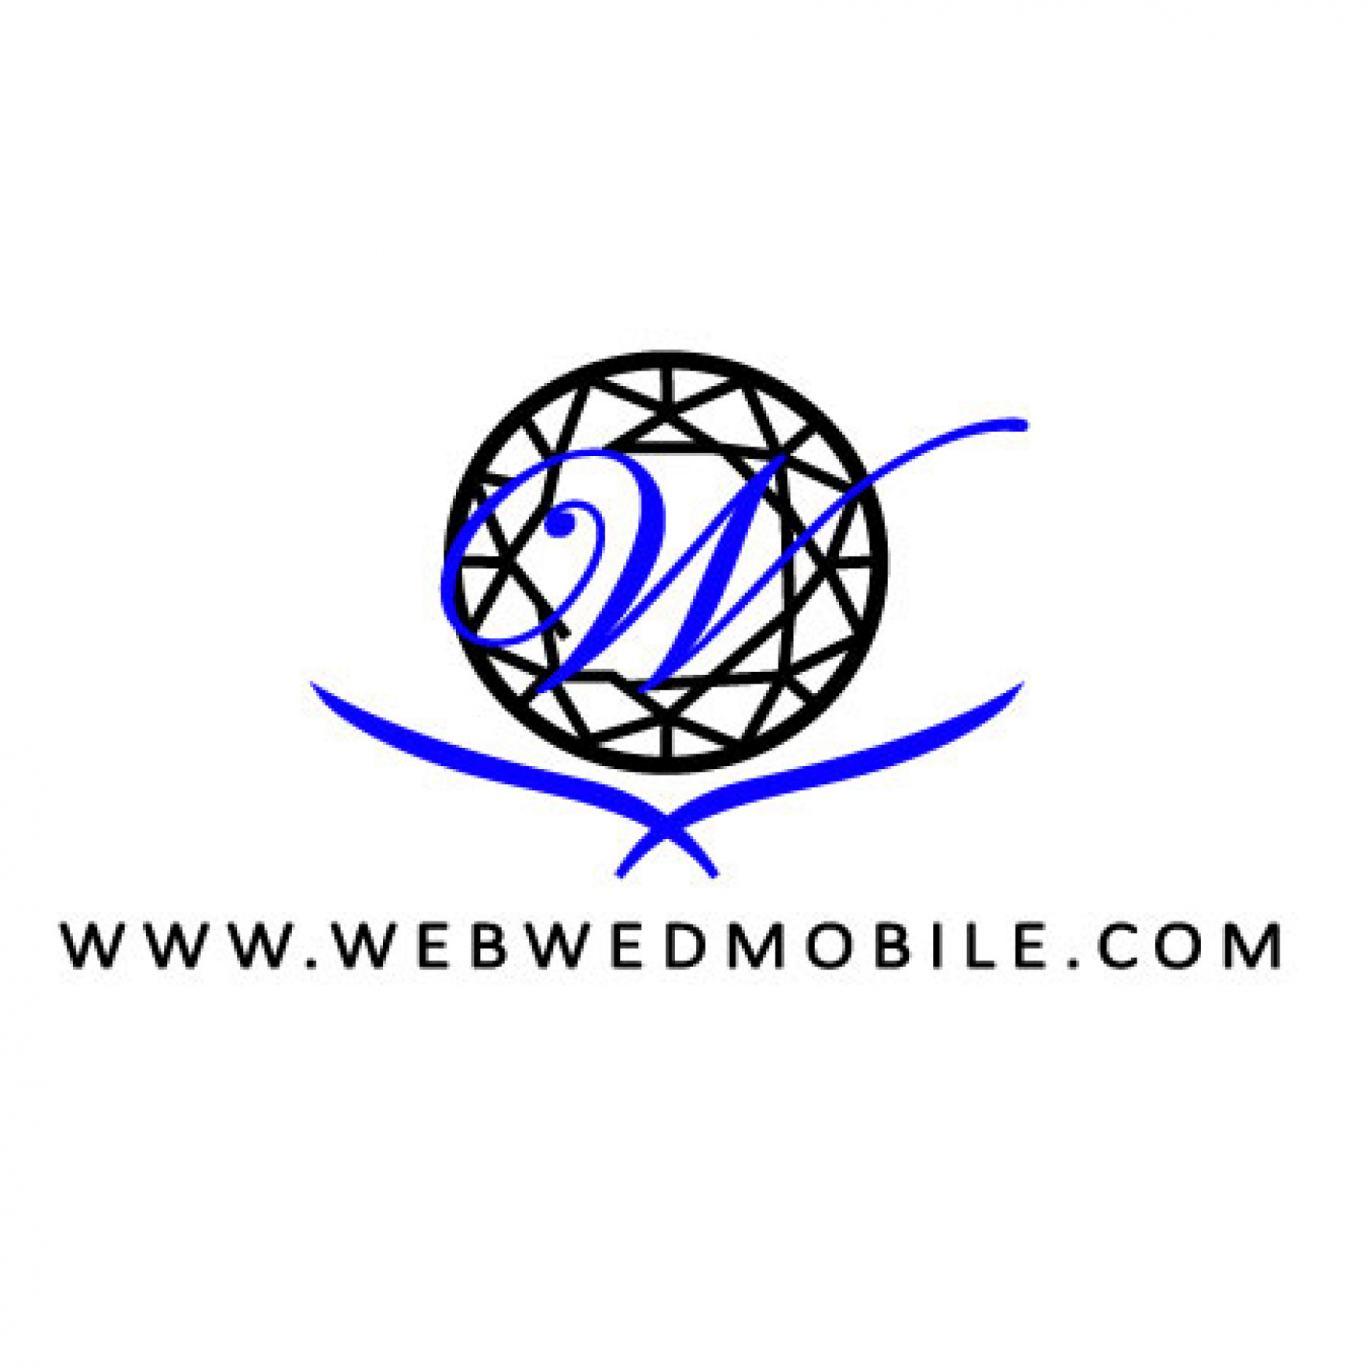 WebWed Mobile Logo